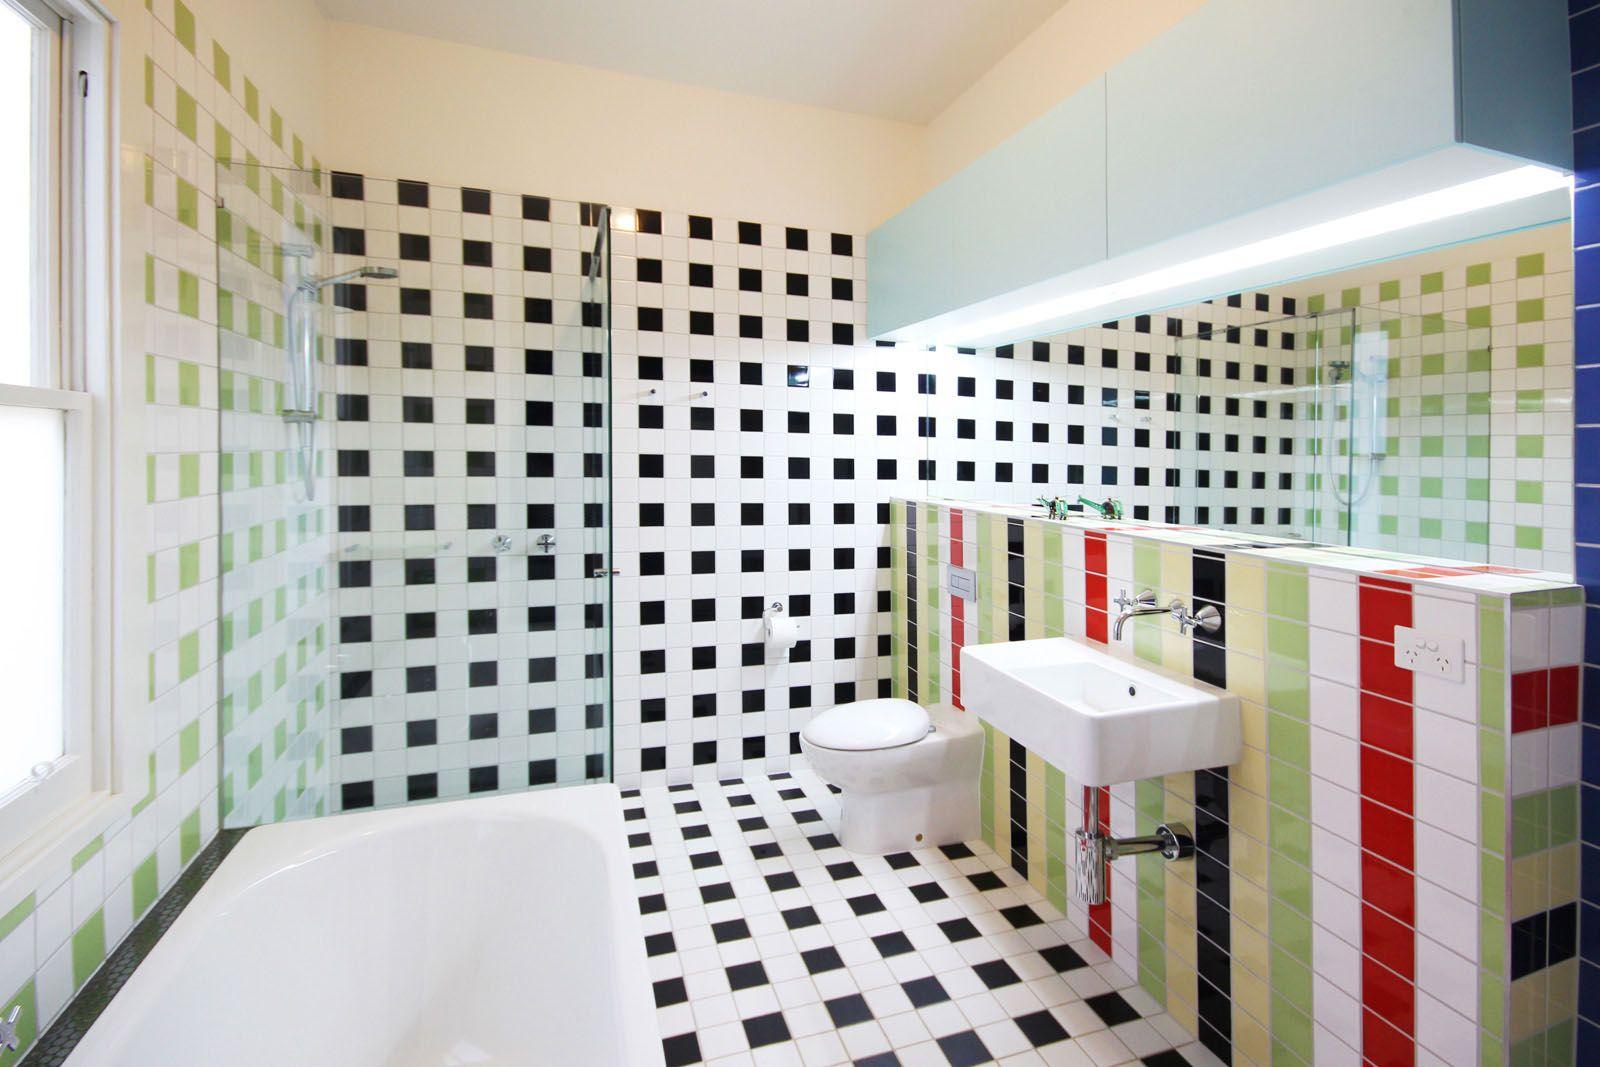 johnson bathroom tiles design   ideas 2017-2018   Pinterest   Tile ...